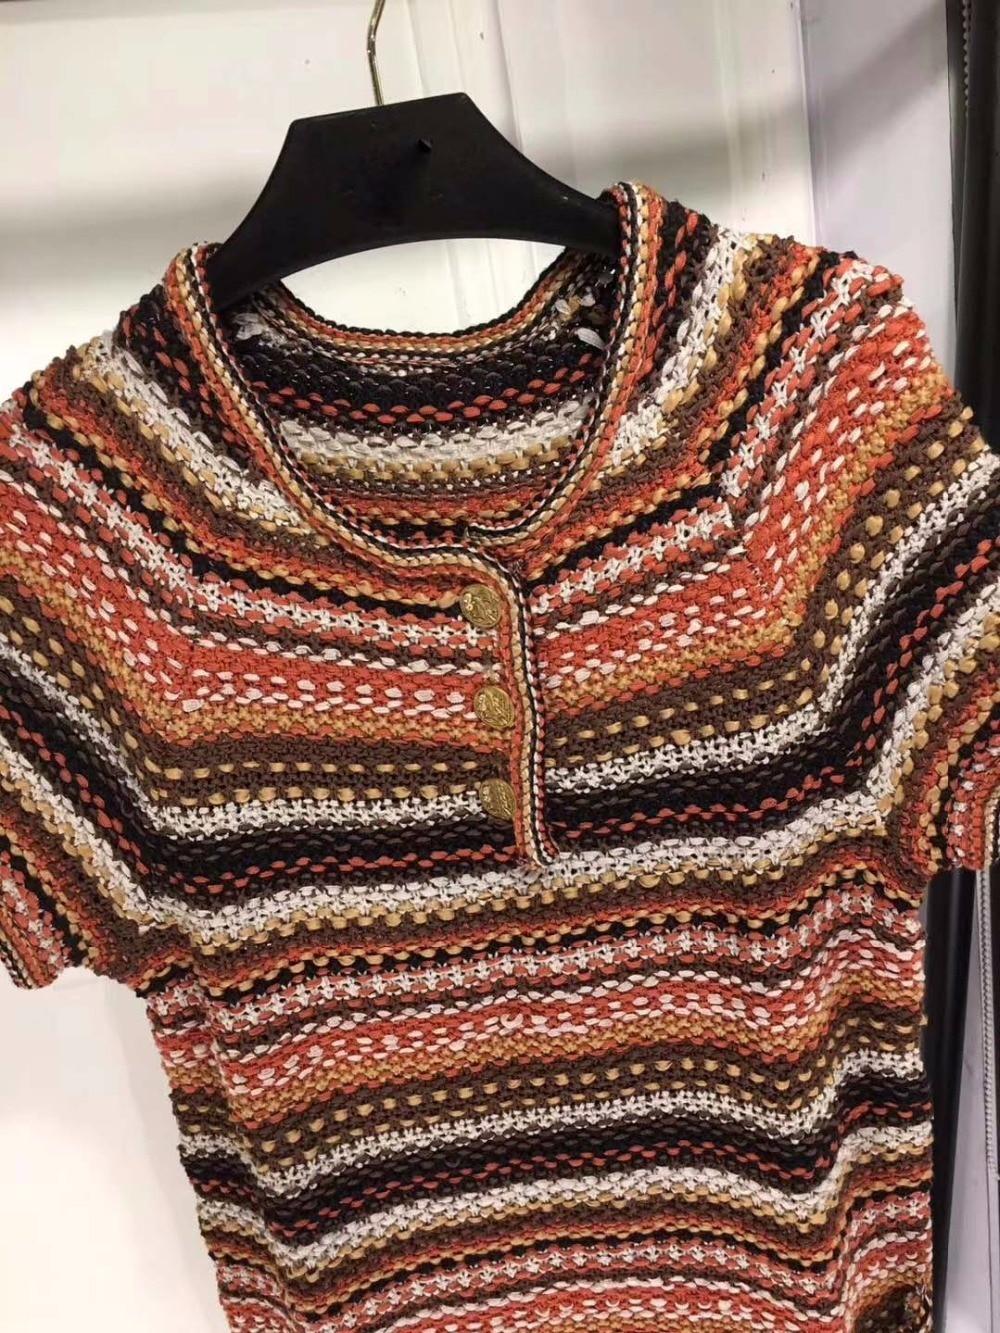 Cate Classique Bande D'été Robes Tricoter Printemps Mode Boho Vintage De Robe Femmes Gkfnmt Casual Tunique Bureau À 2018 5YnOwx0w